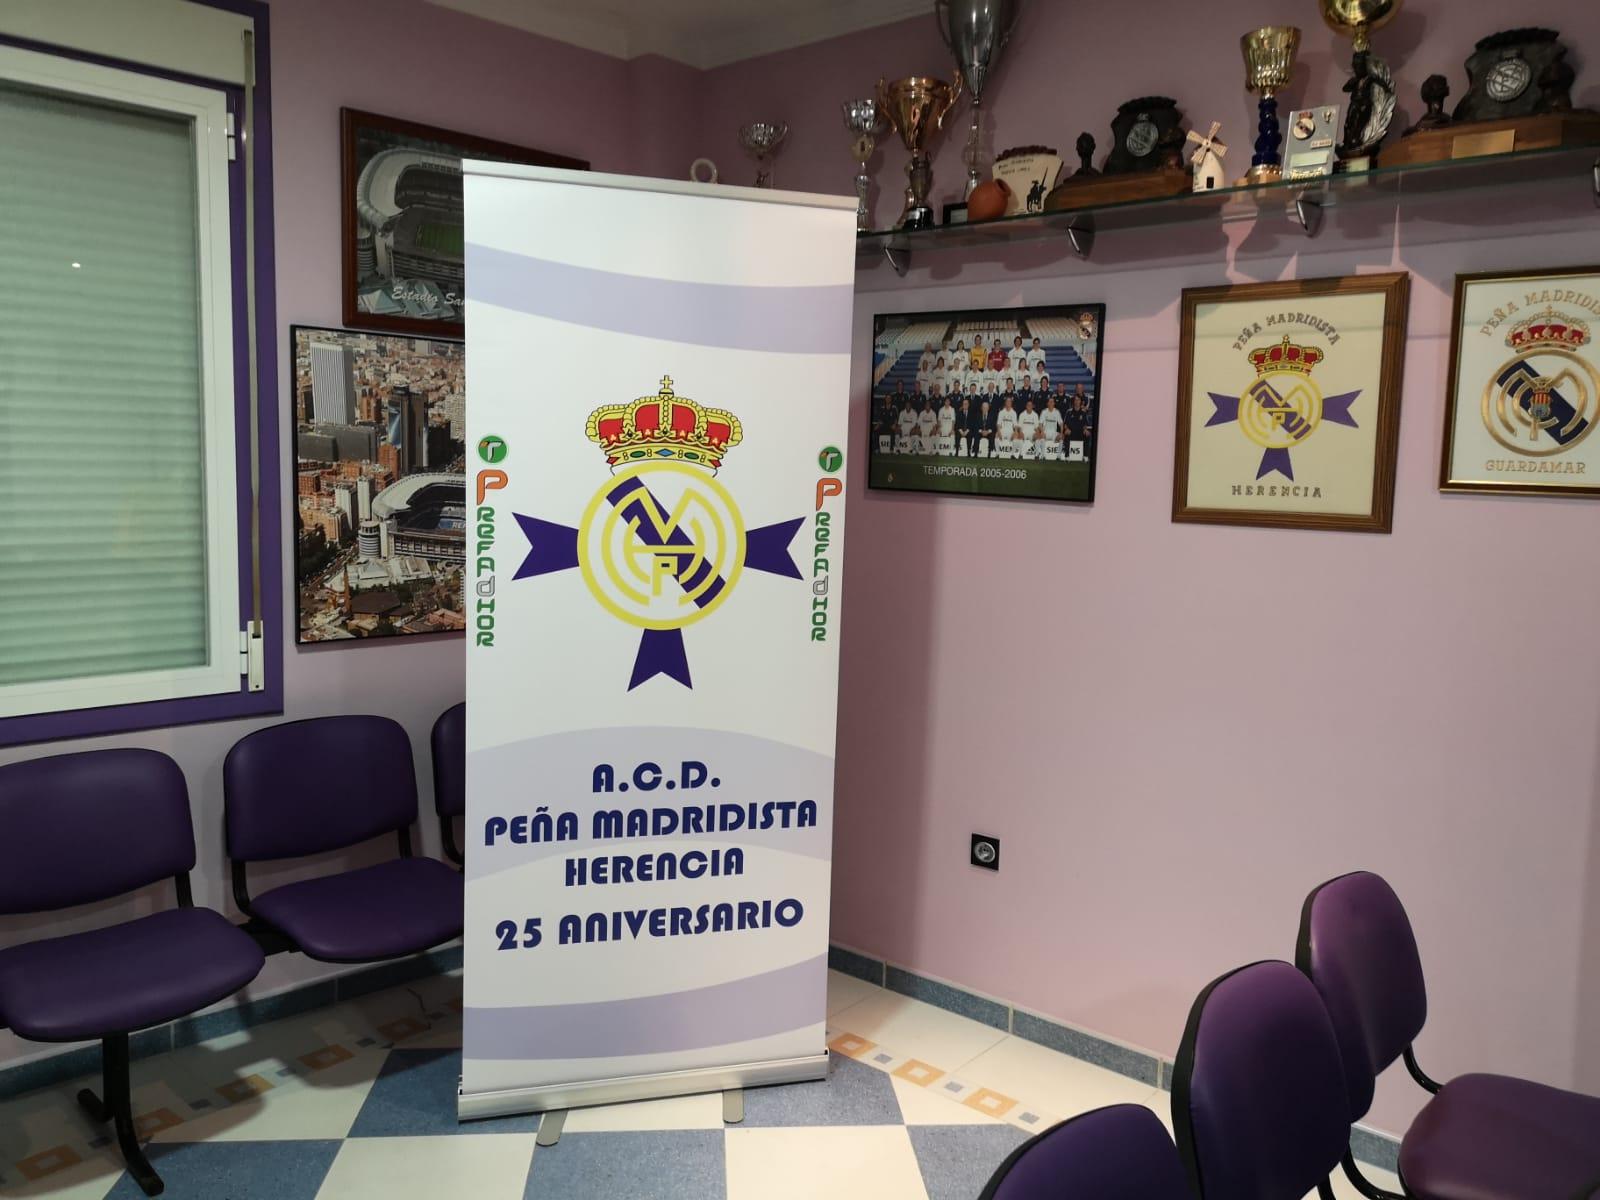 Torneo de Minigolf 25 aniversario de la Peña Madridista de Herencia 9